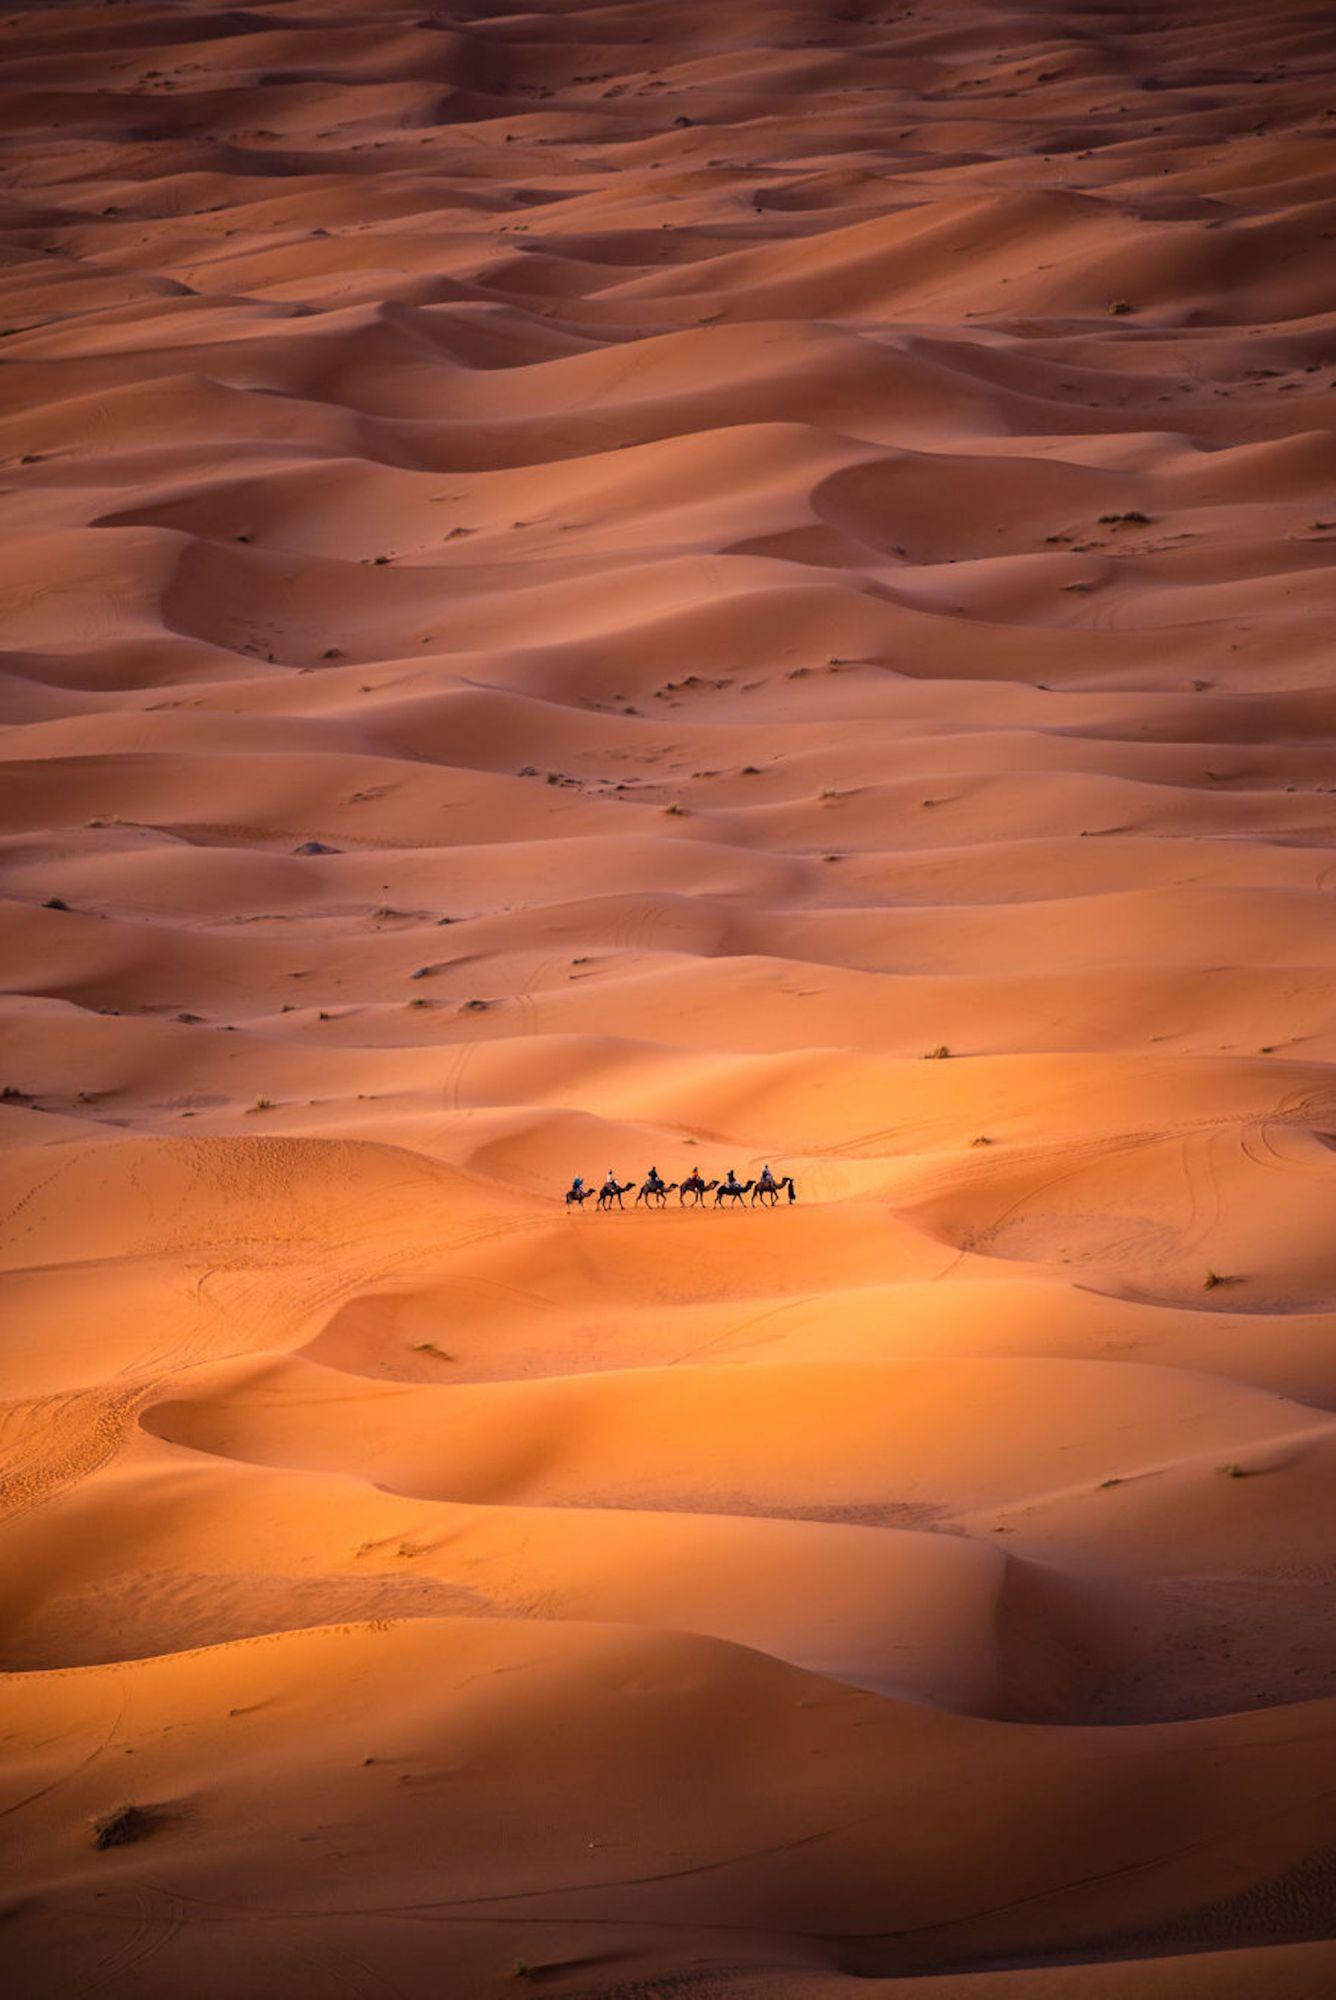 Foto foi tirada de uma duna alta em Merzouga, Marrocos, onde os nômades são vistos se movendo pelo deserto do Saara